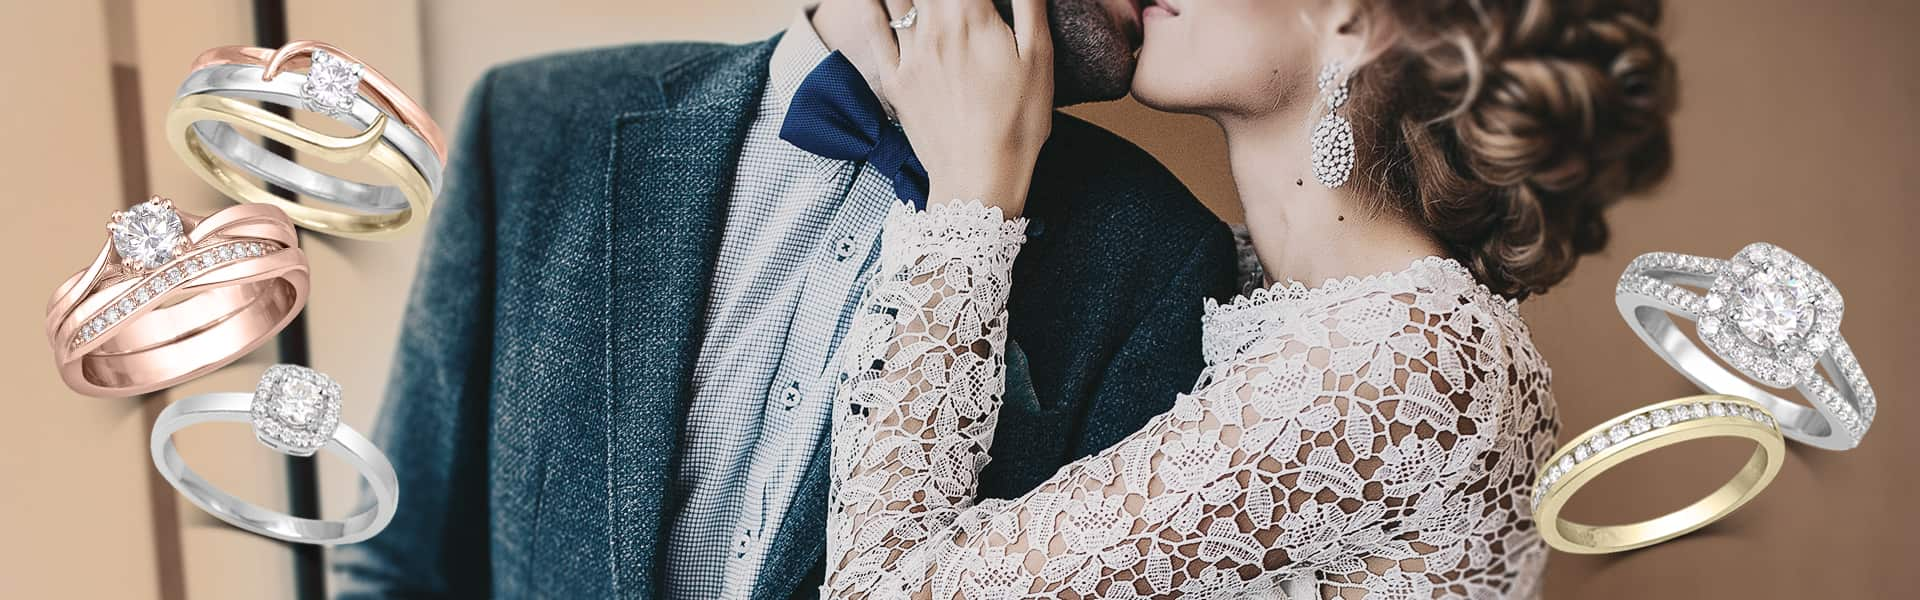 Bague mariage fiançailles avec couple de mariés